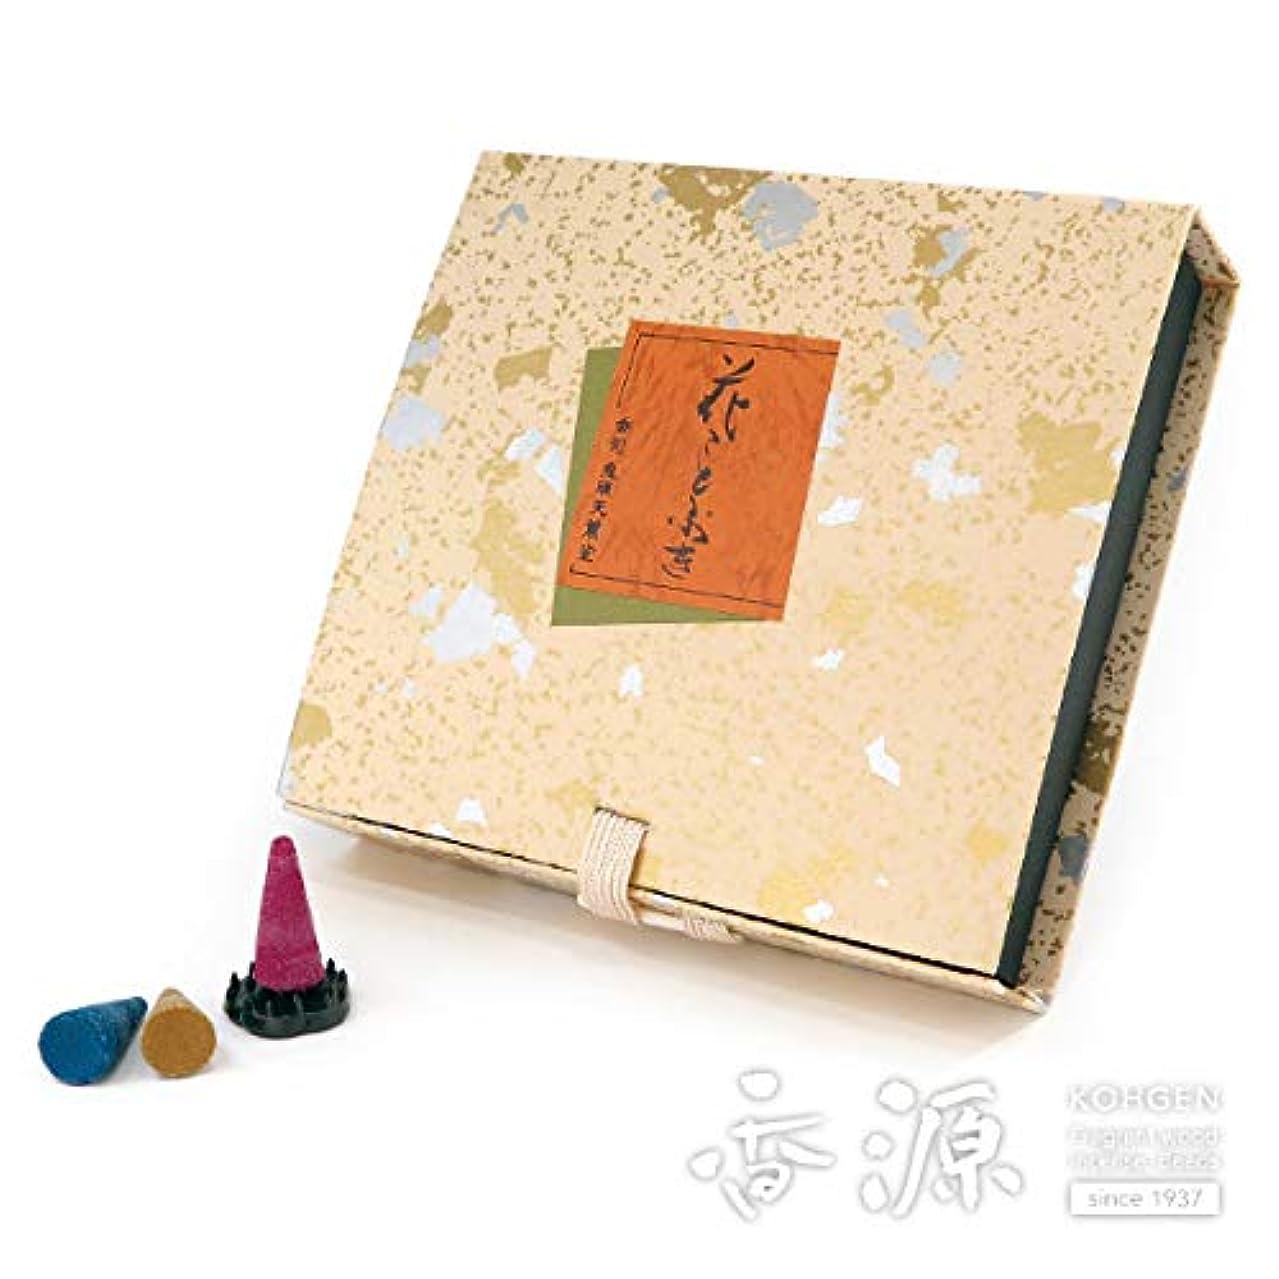 鬼頭天薫堂のお香 花ことぶき コーン型36個入